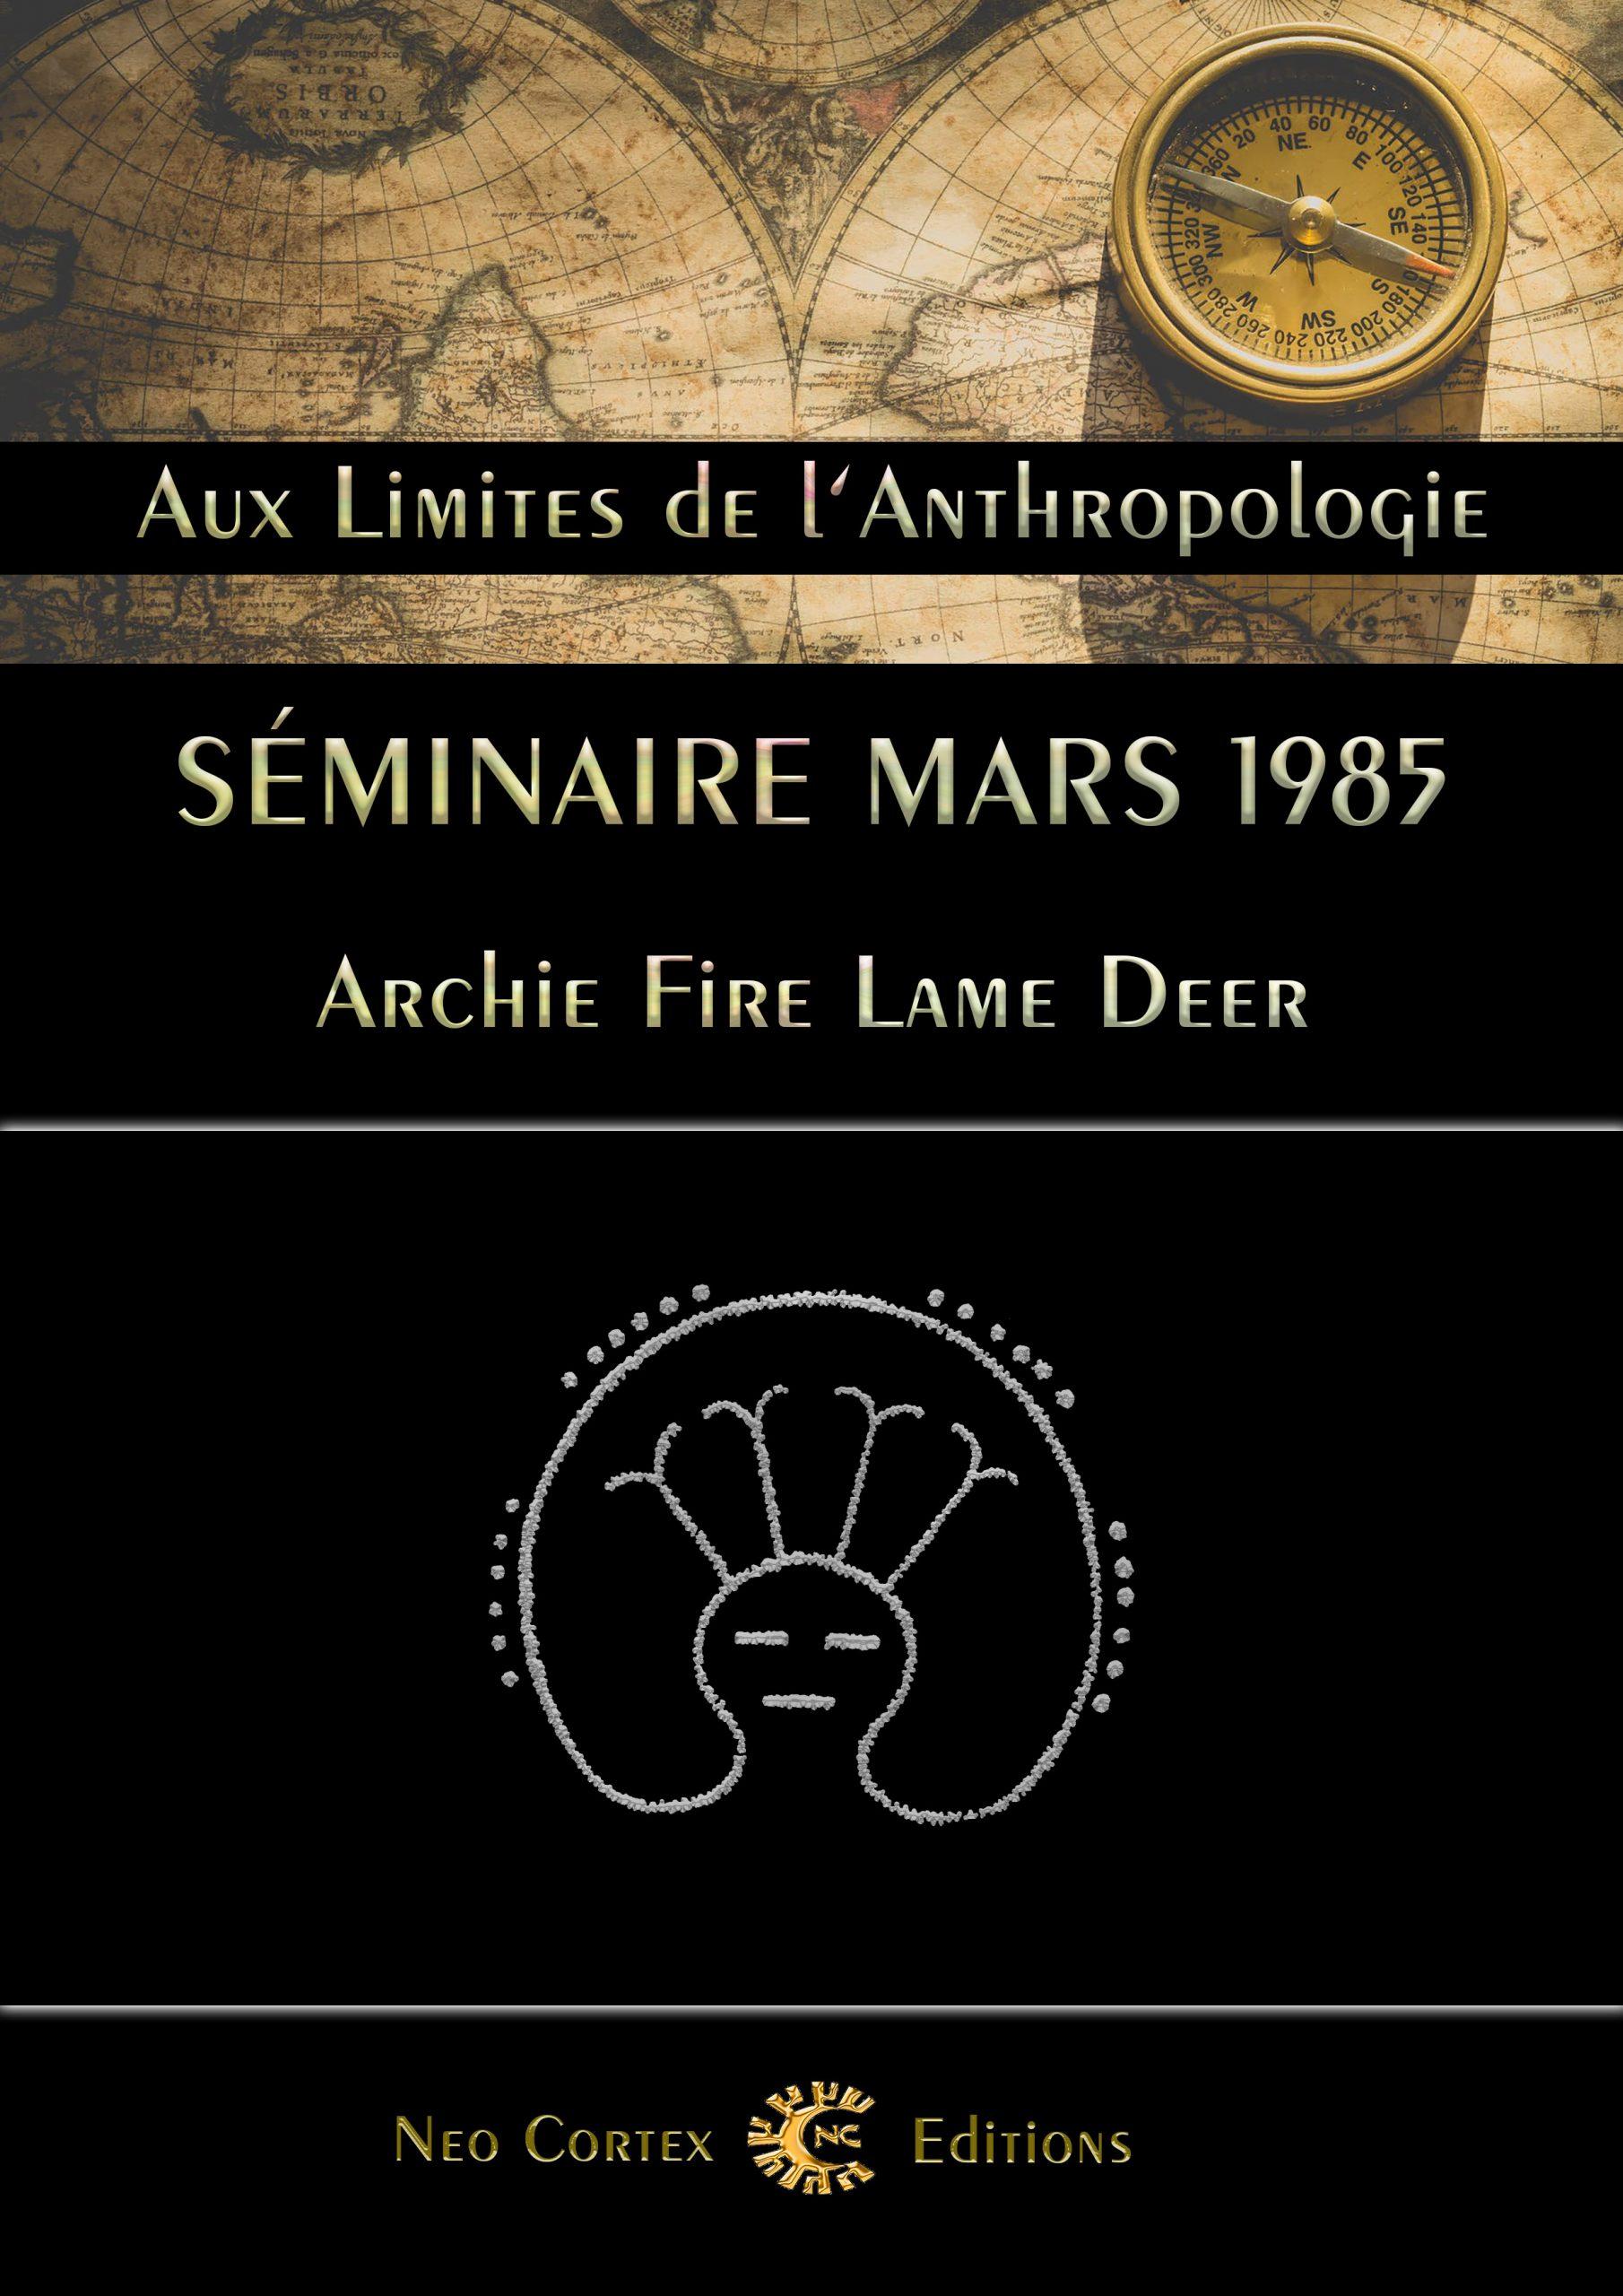 Séminaire mars 1985 - Archie Fire Lame Deer